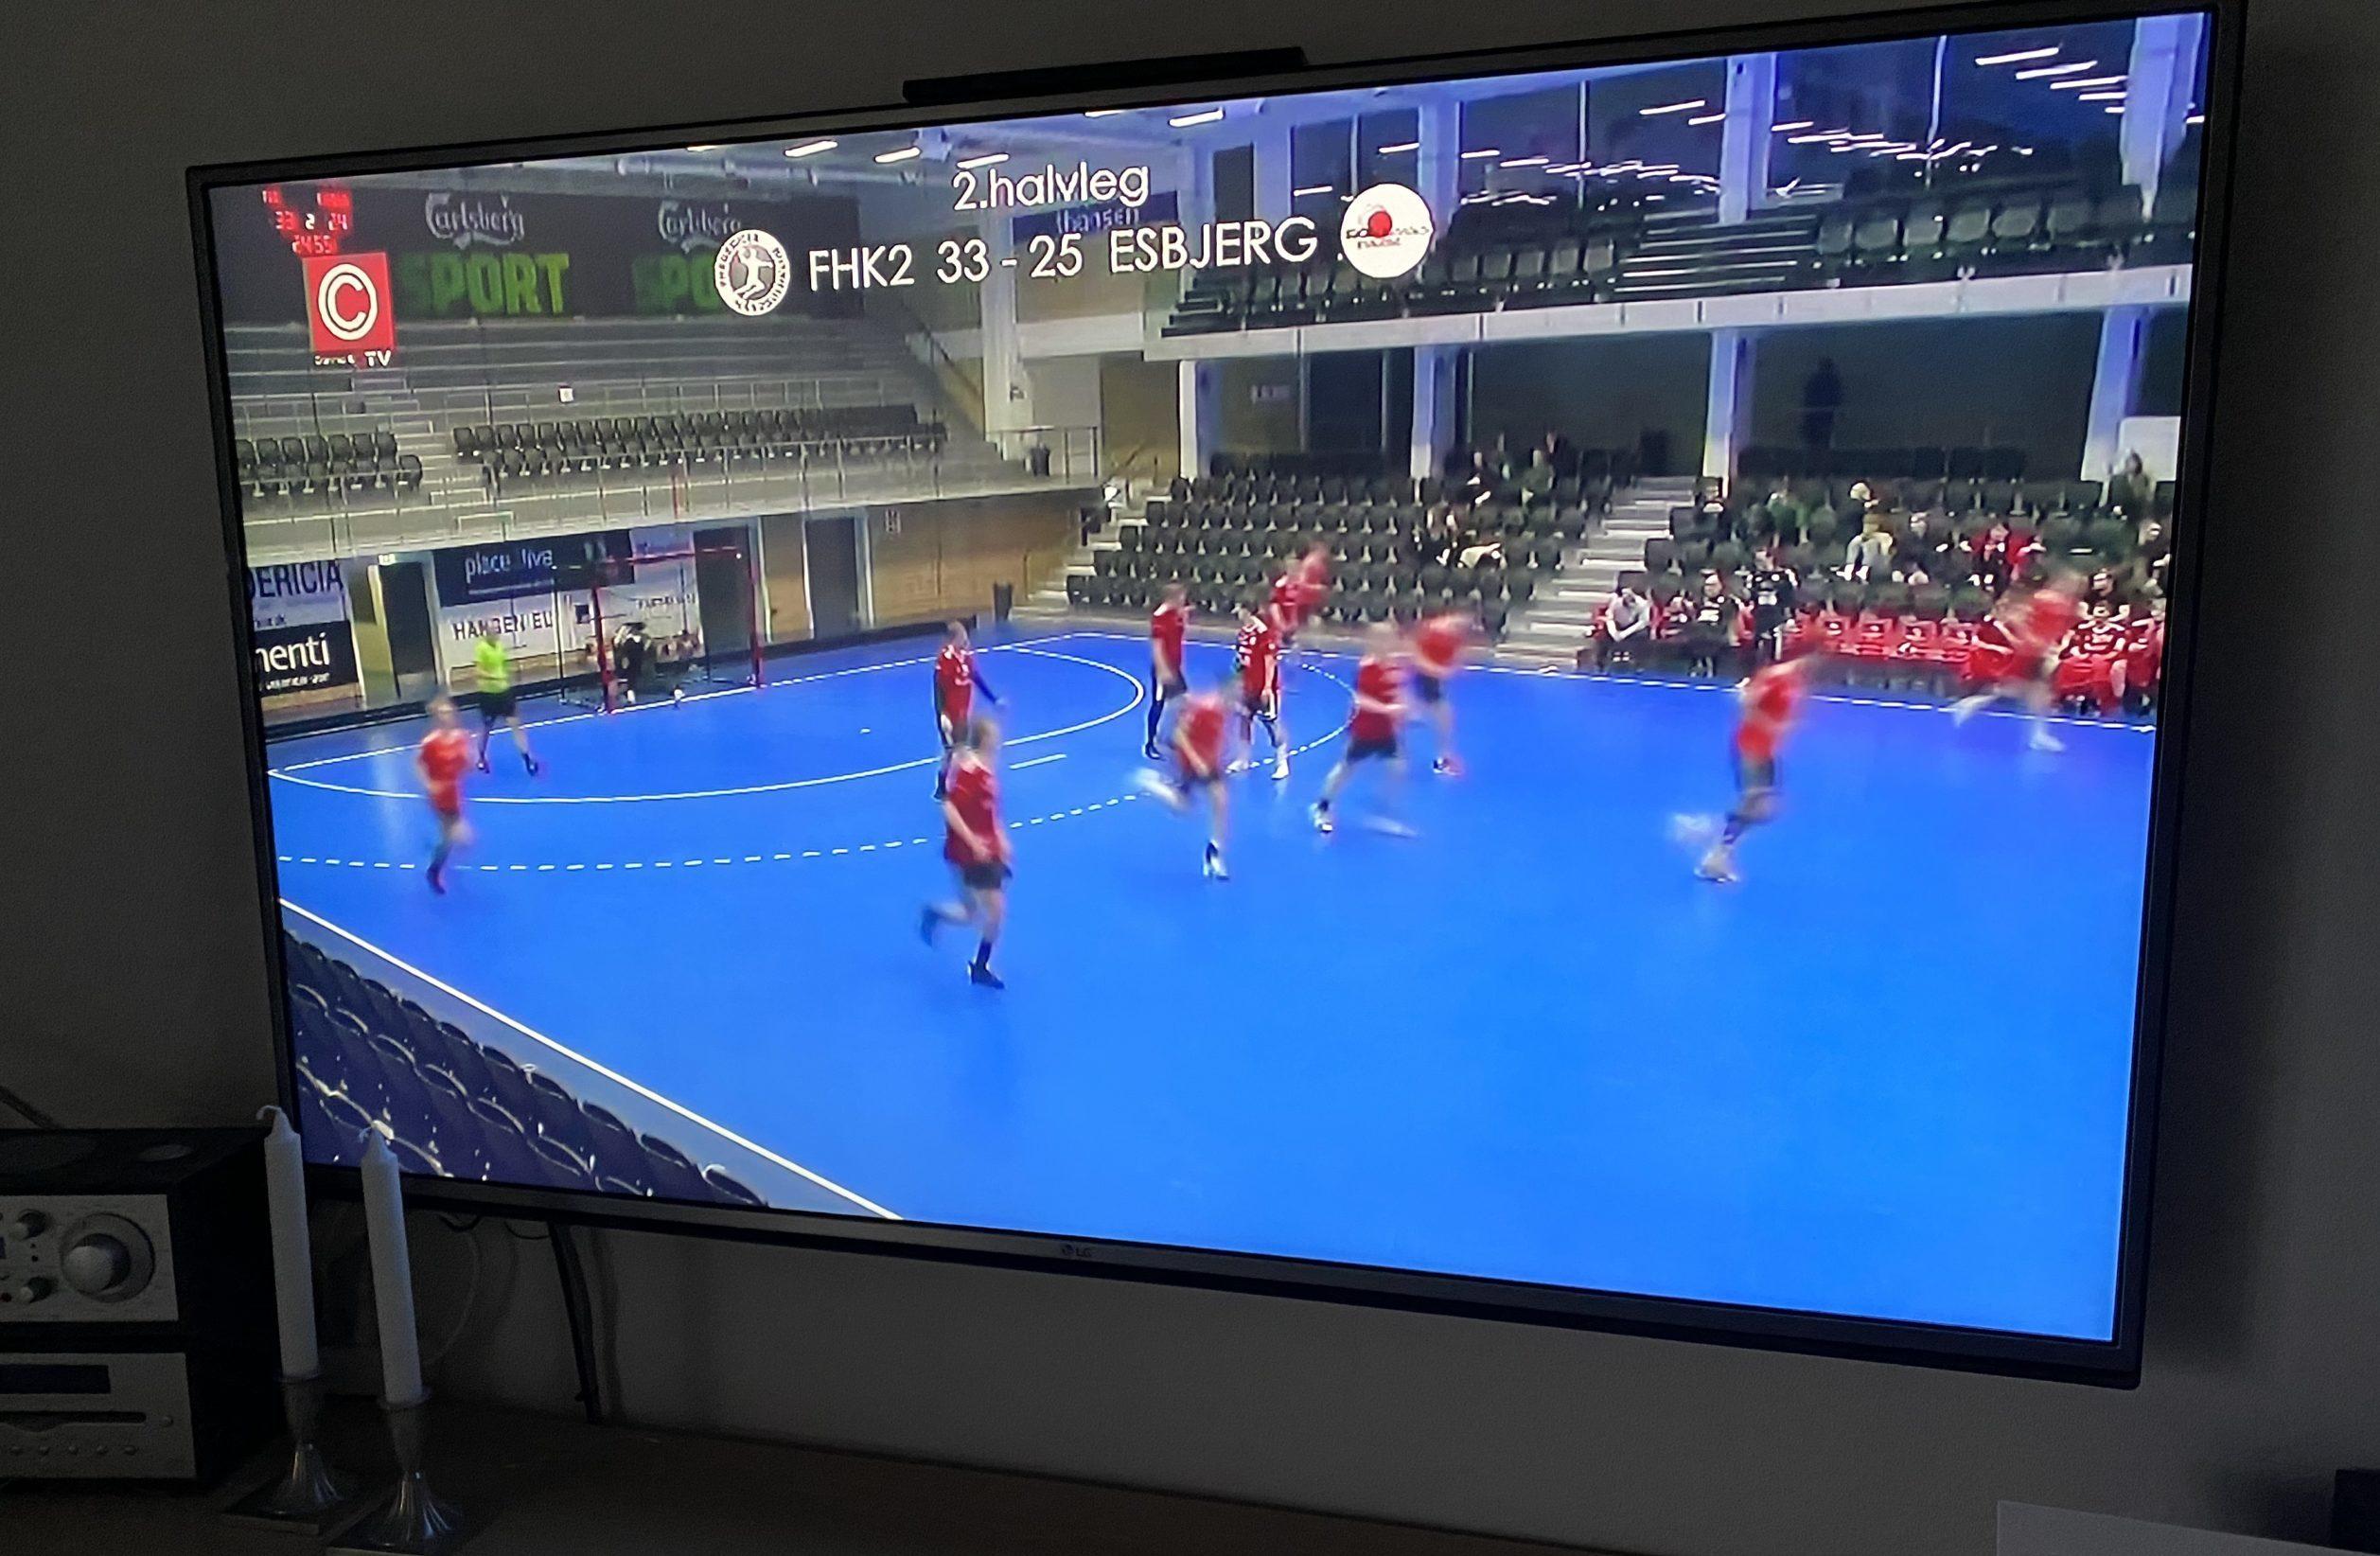 Signalfejl er rettet – DanmarkC TV er igen onair på KanalSYD